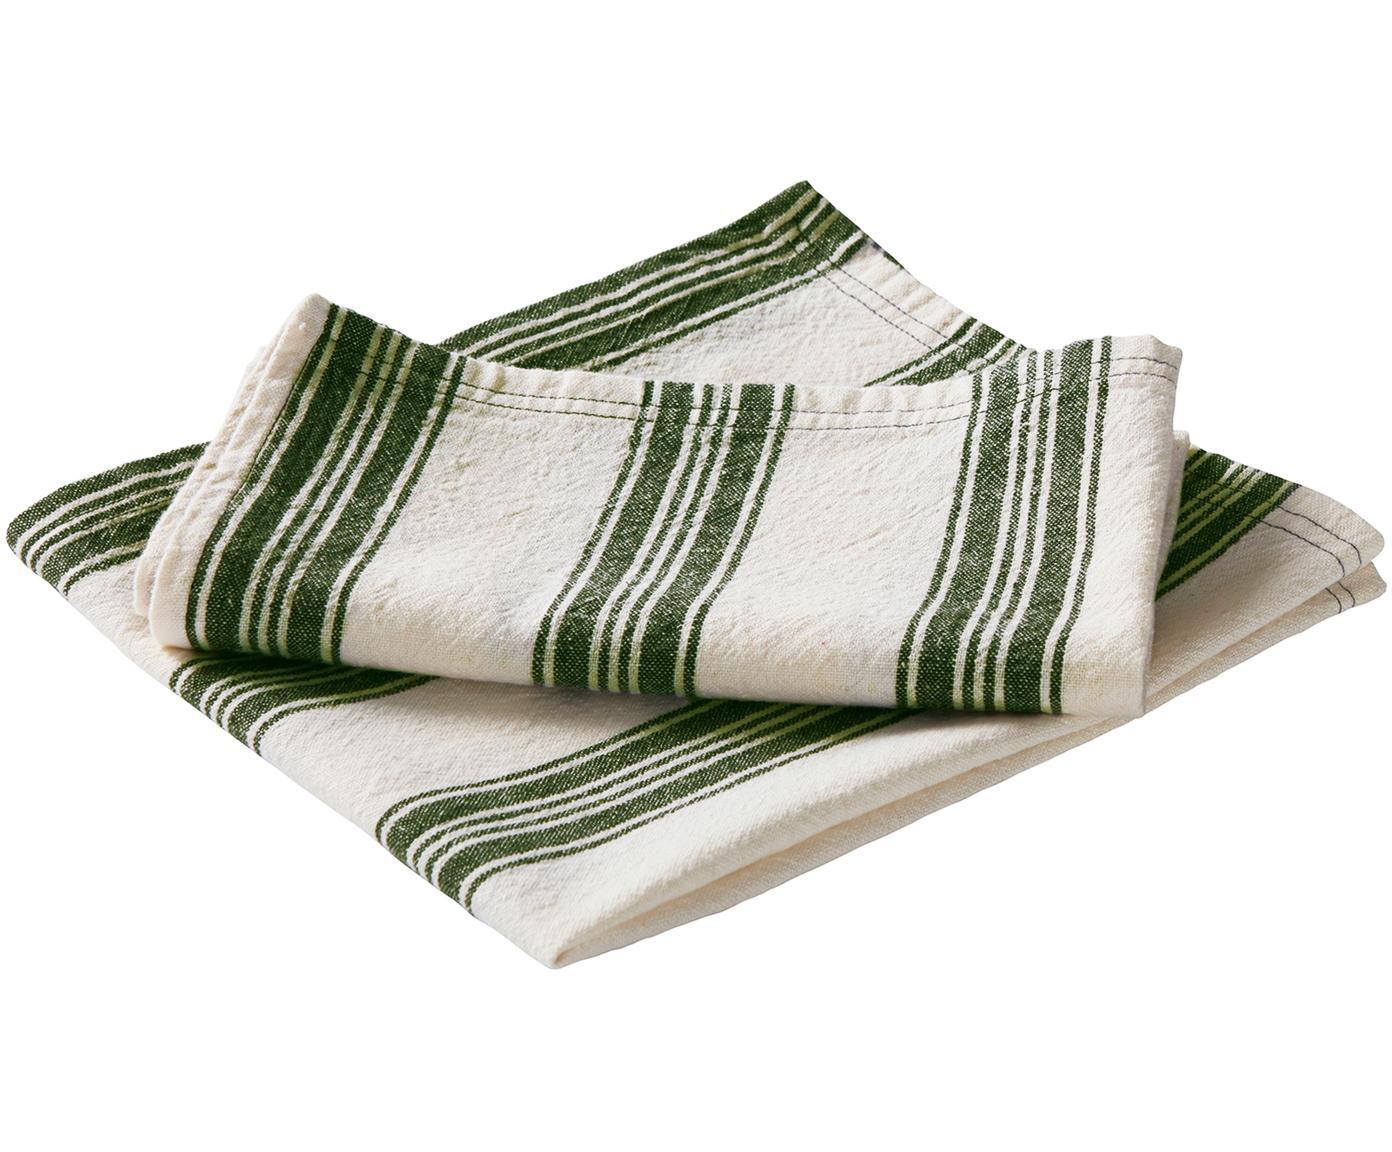 Tovagliolo in cotone/lino Abigail 2 pz, 80% cotone 20% lino, Bianco incrinato, verde, Larg. 45 x Lung. 45 cm